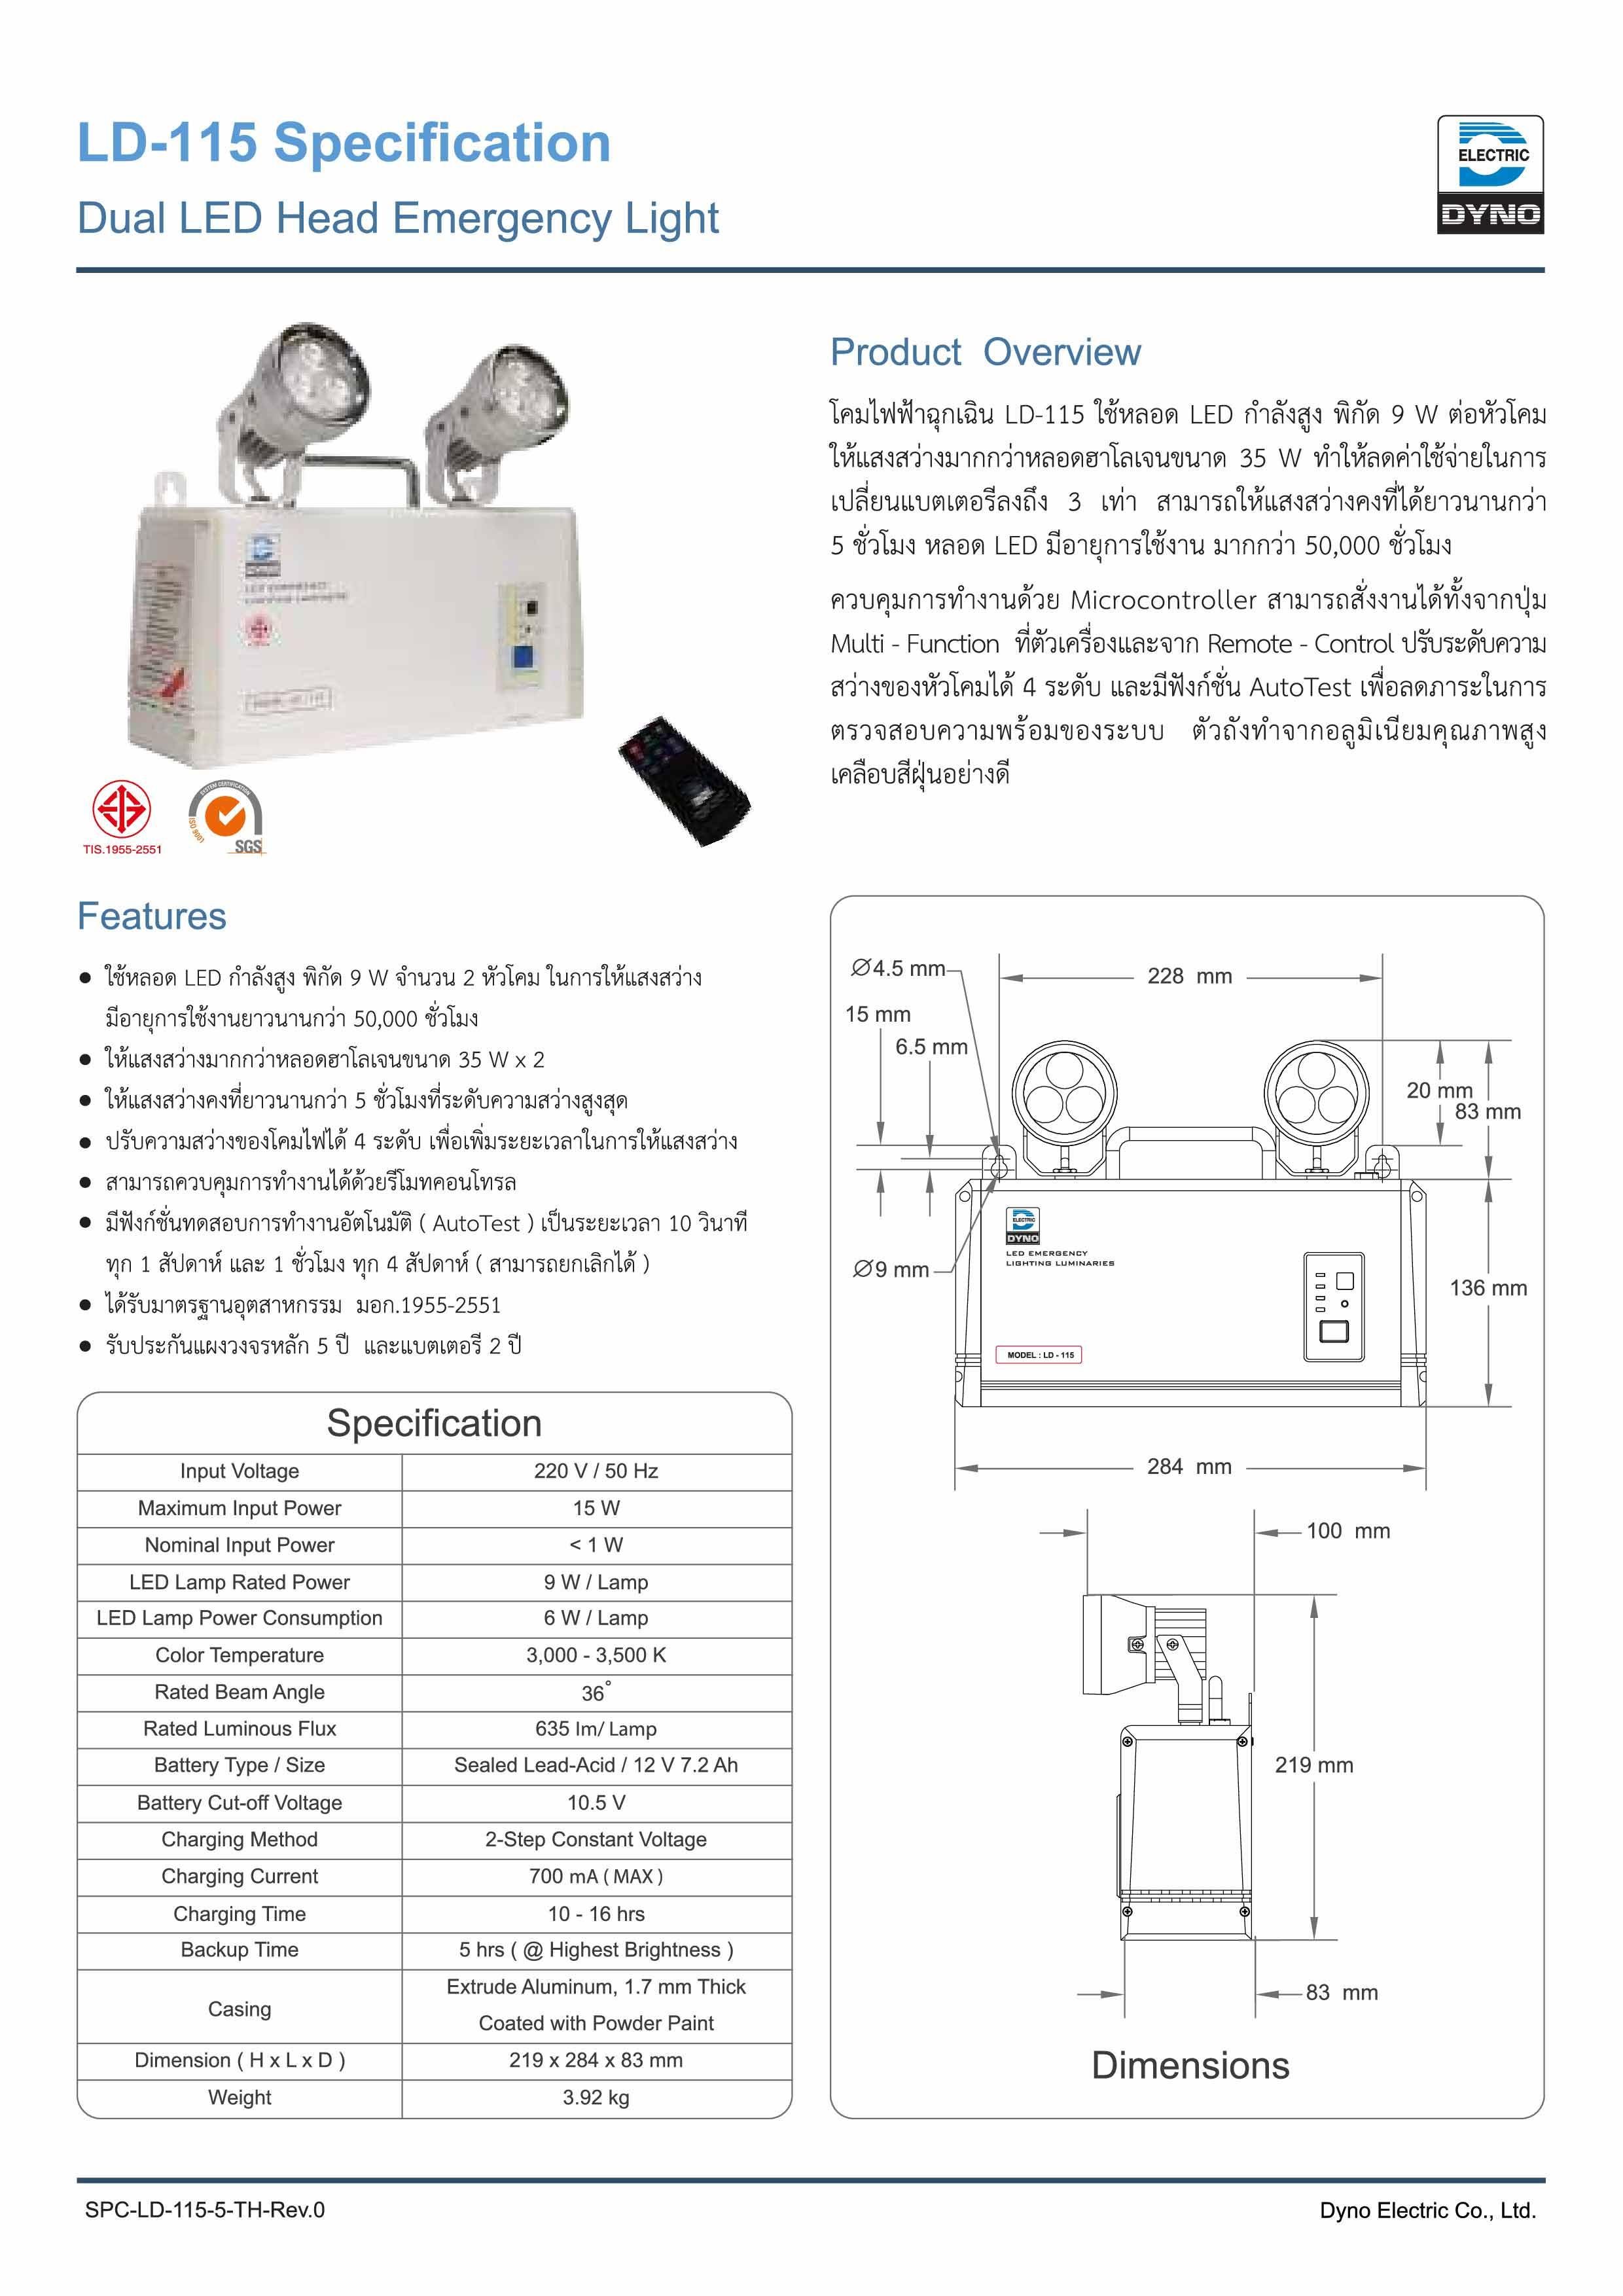 โคมไฟฟ้าฉุกเฉิน LD-115